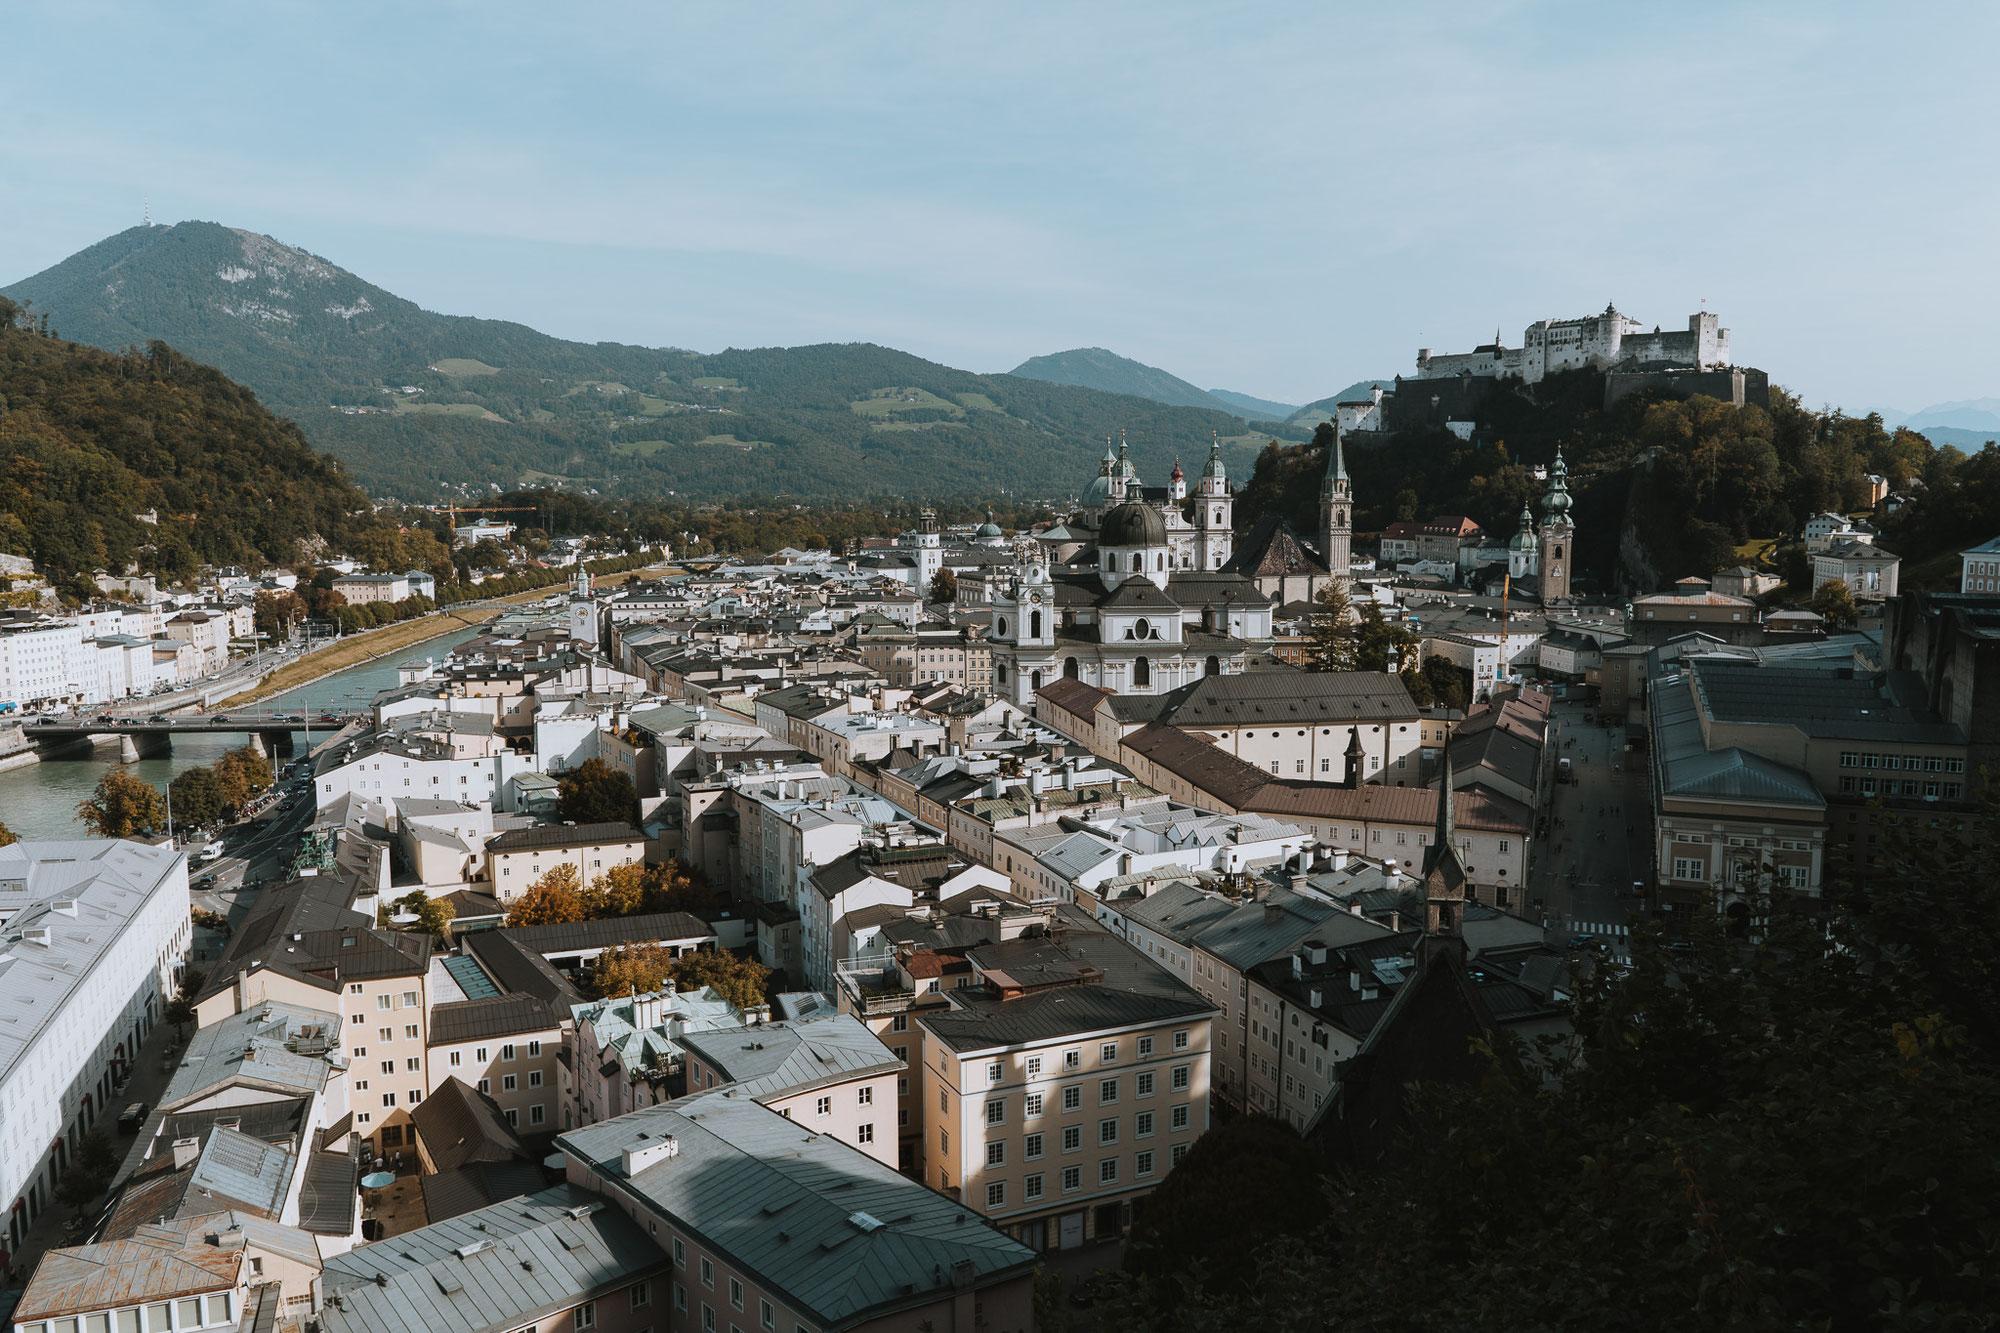 Herbsturlaub in Österreich - Stadt Salzburg & Mattsee